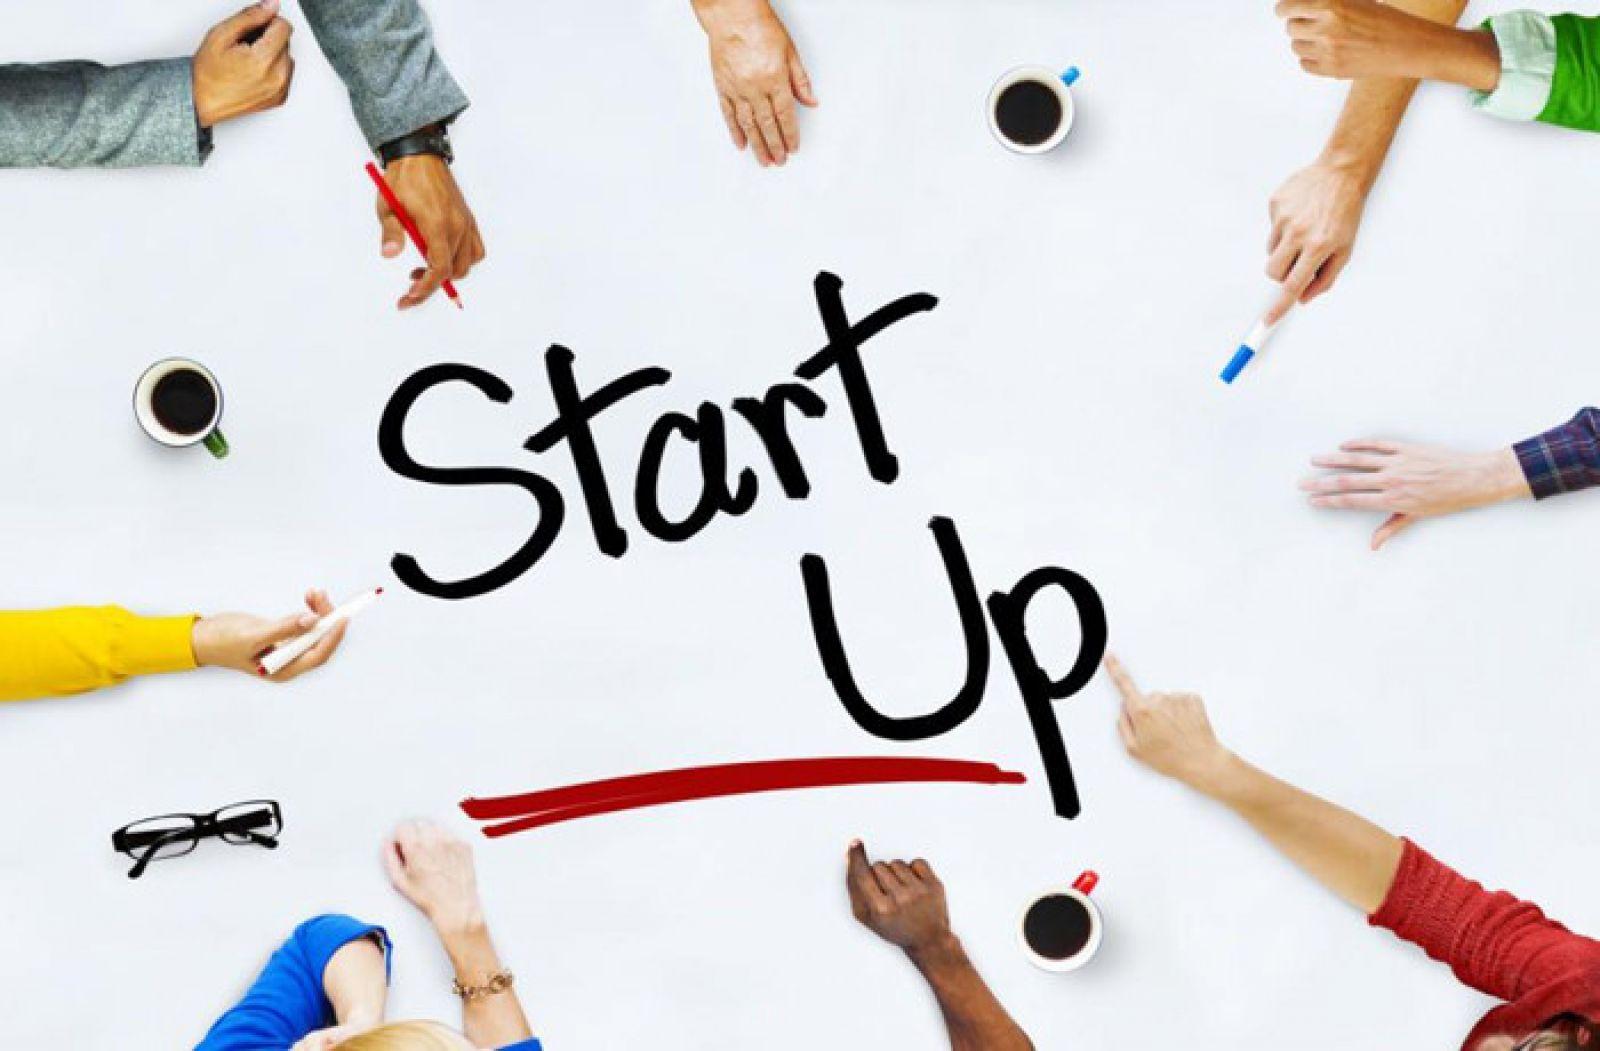 Chất lượng và số lượng thương vụ đầu tư các startup có xu hướng tăng mạnh trong năm vừa qua. (Ảnh minh hoạ: KT)